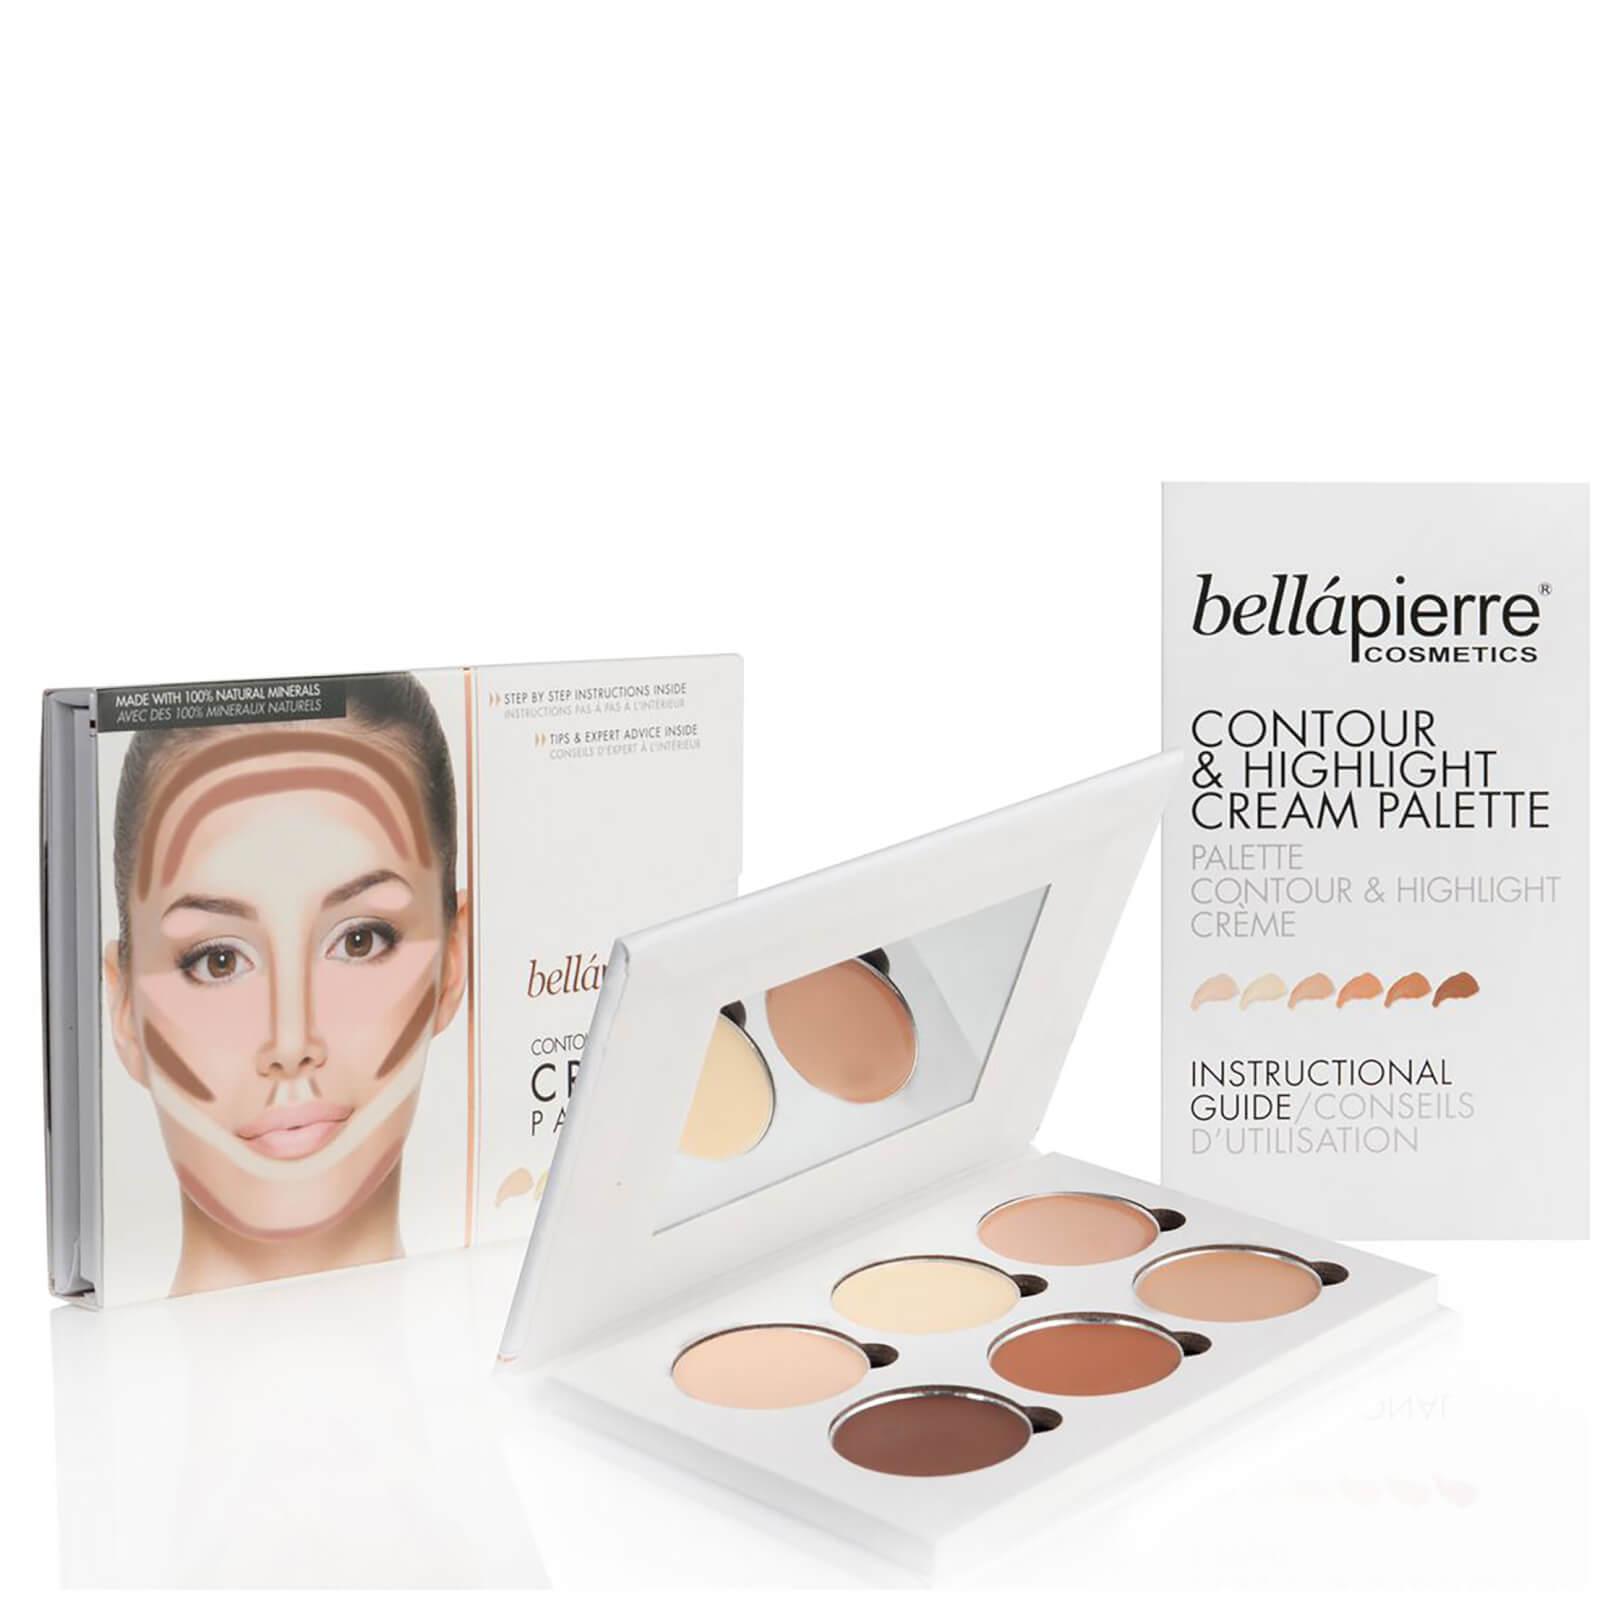 Кремовая палетка для макияжа Bellapierre cosmetics Contour